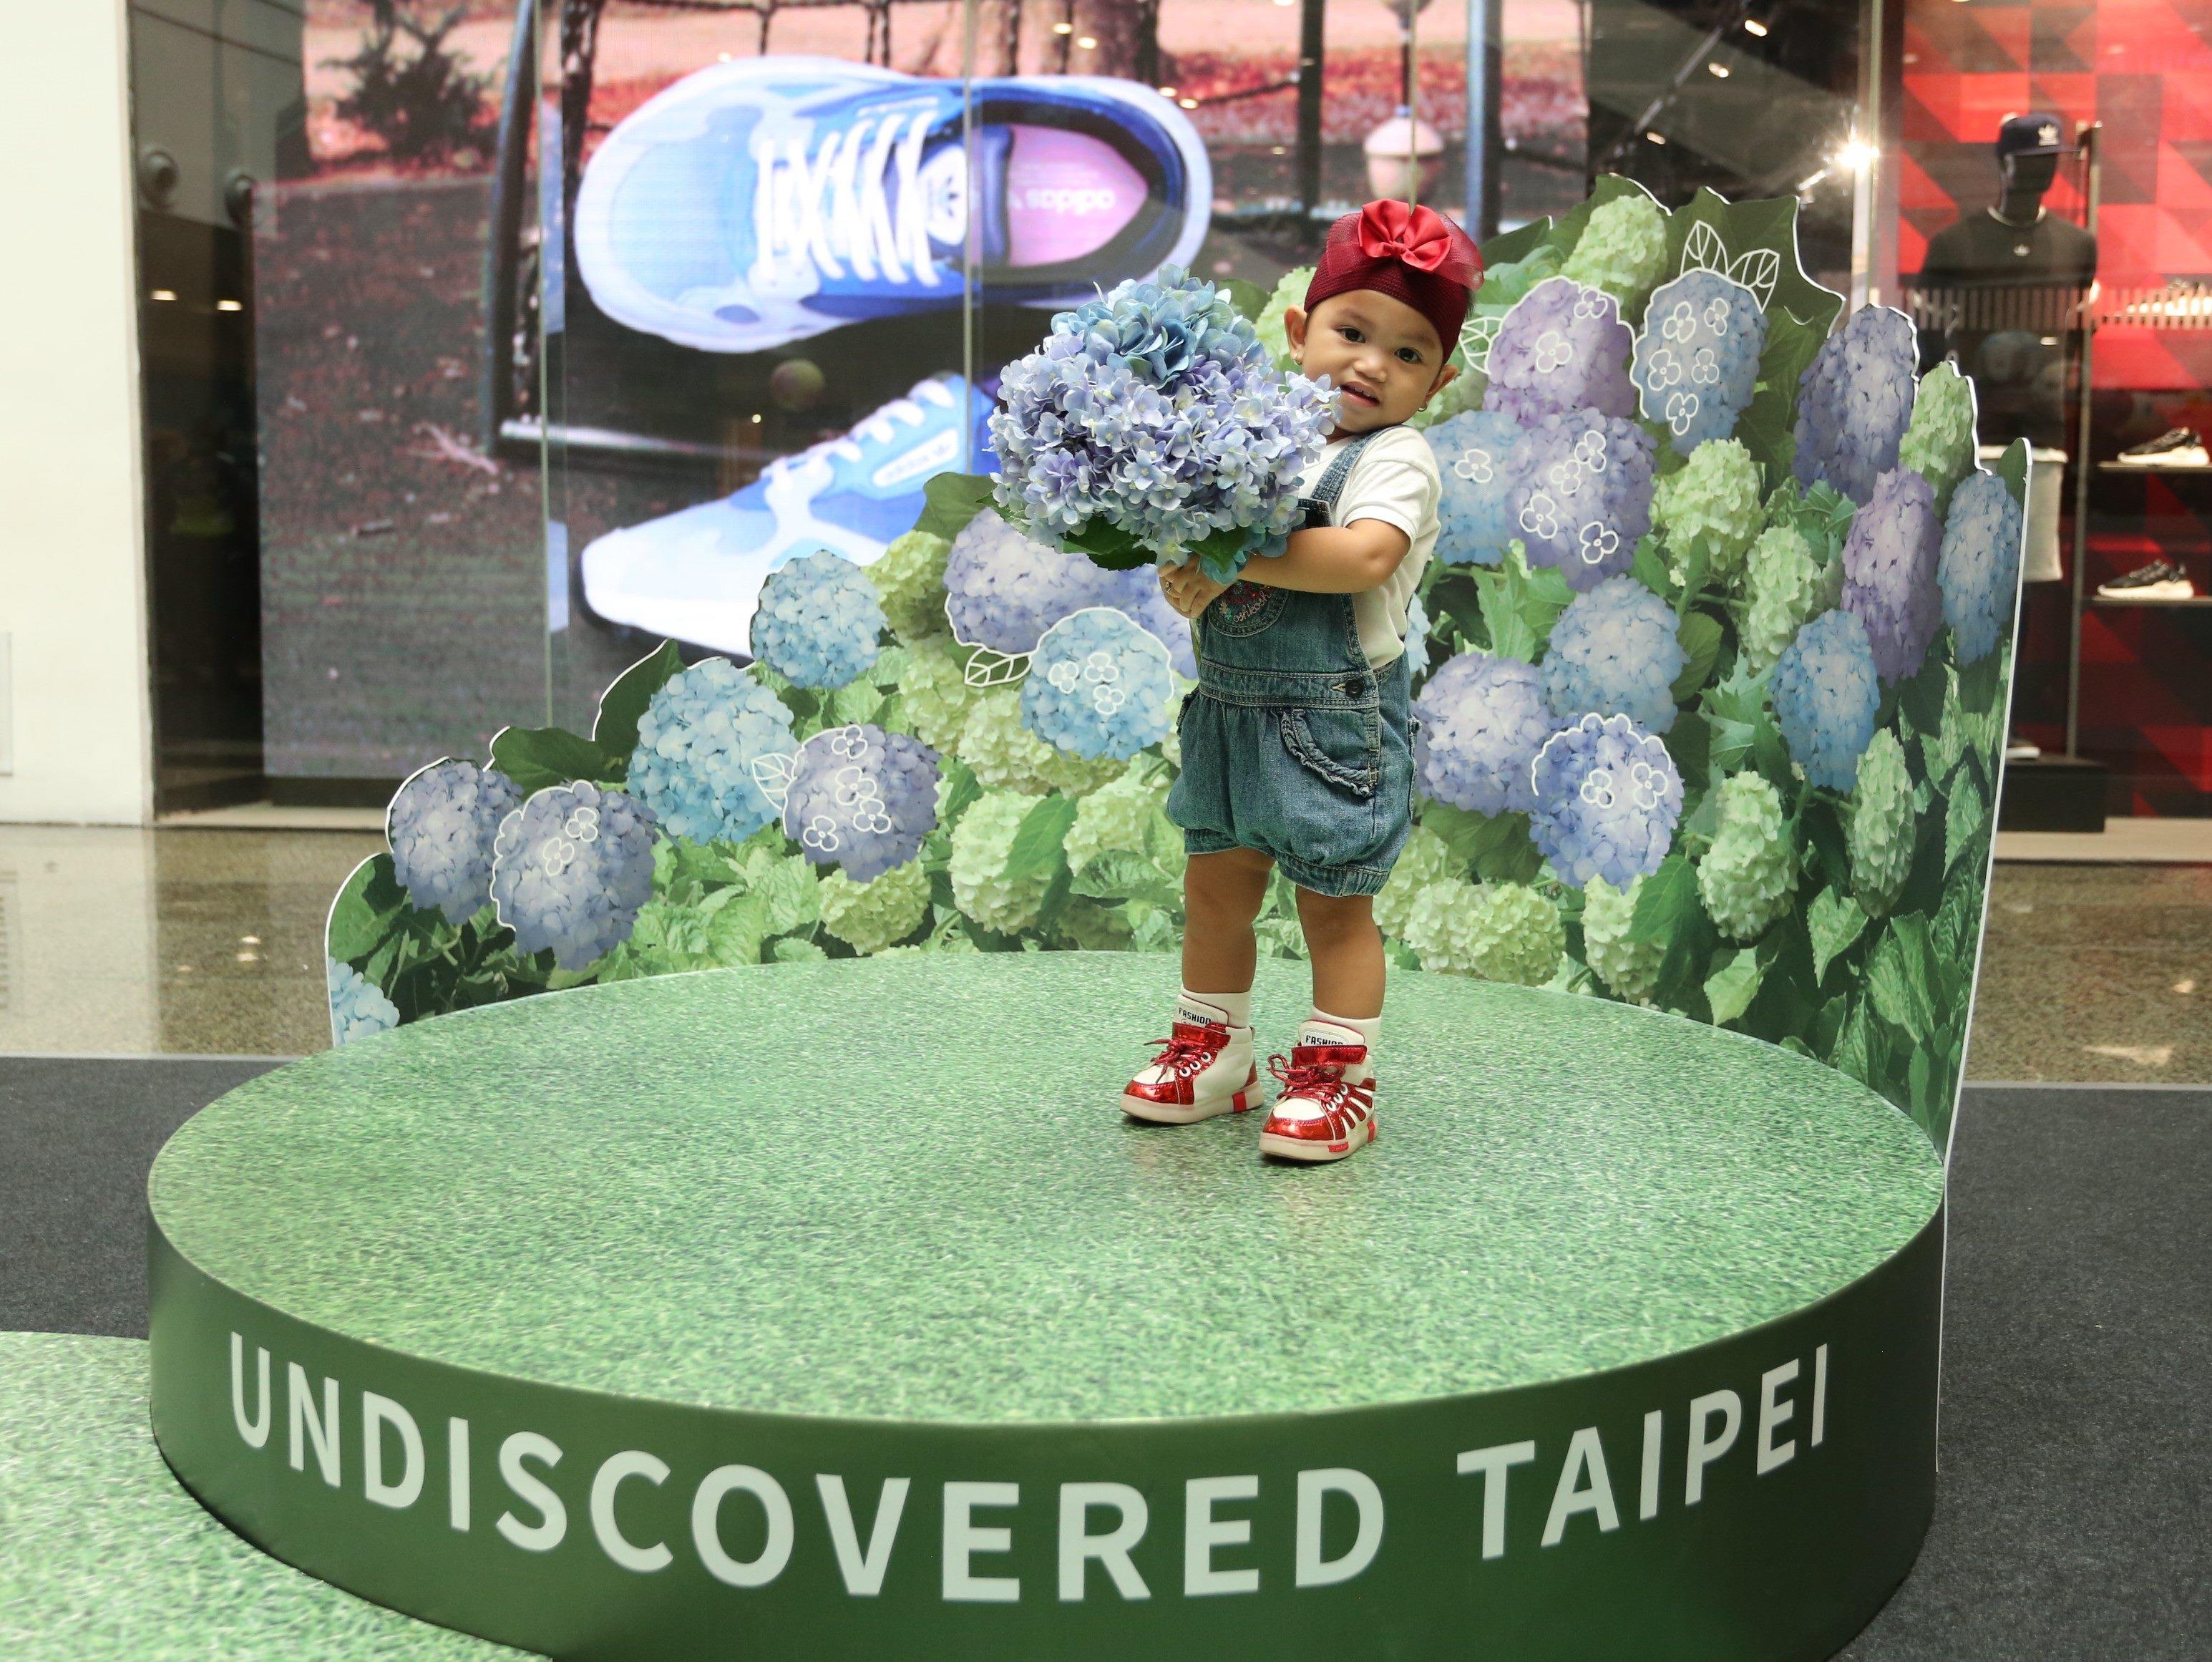 菲律賓小朋友在繡球花體驗區前拍照,模樣可愛